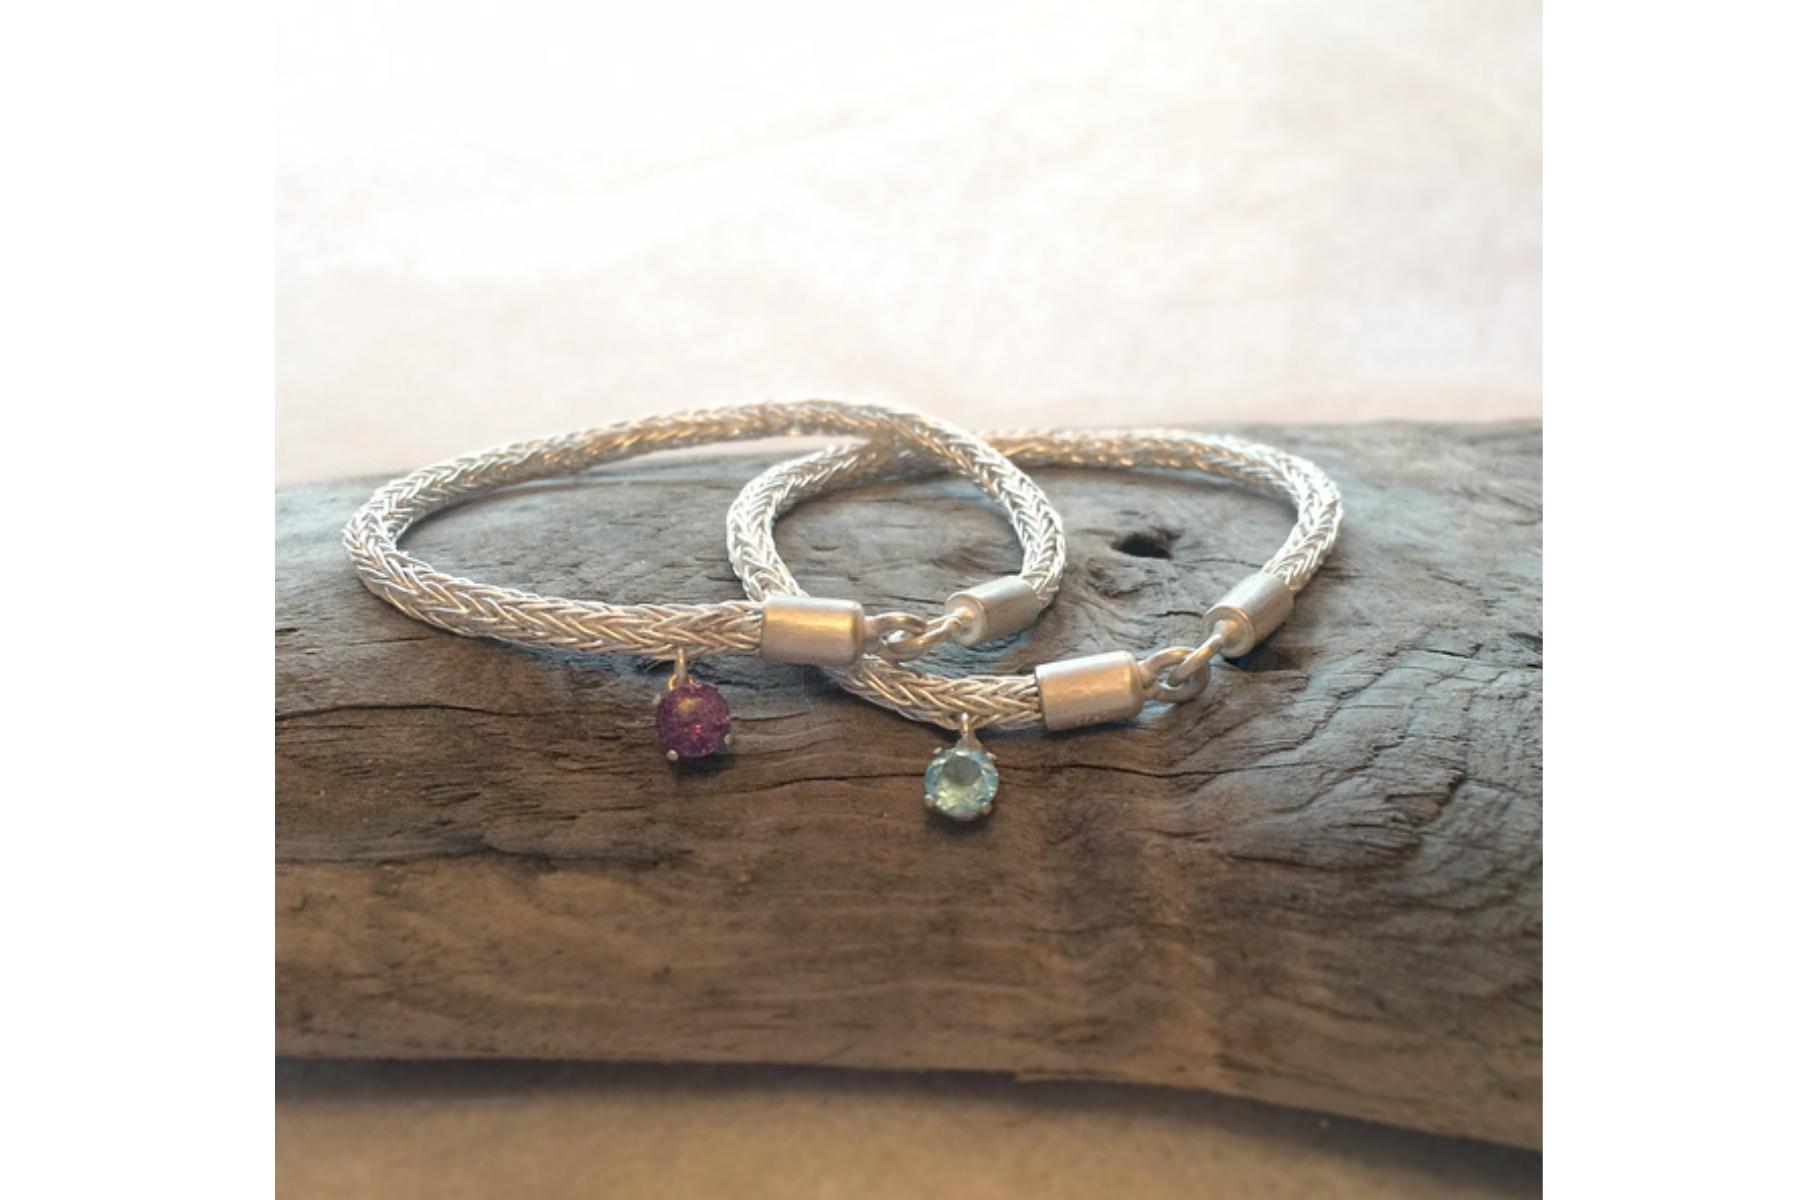 Twin Silver Woven Bracelets